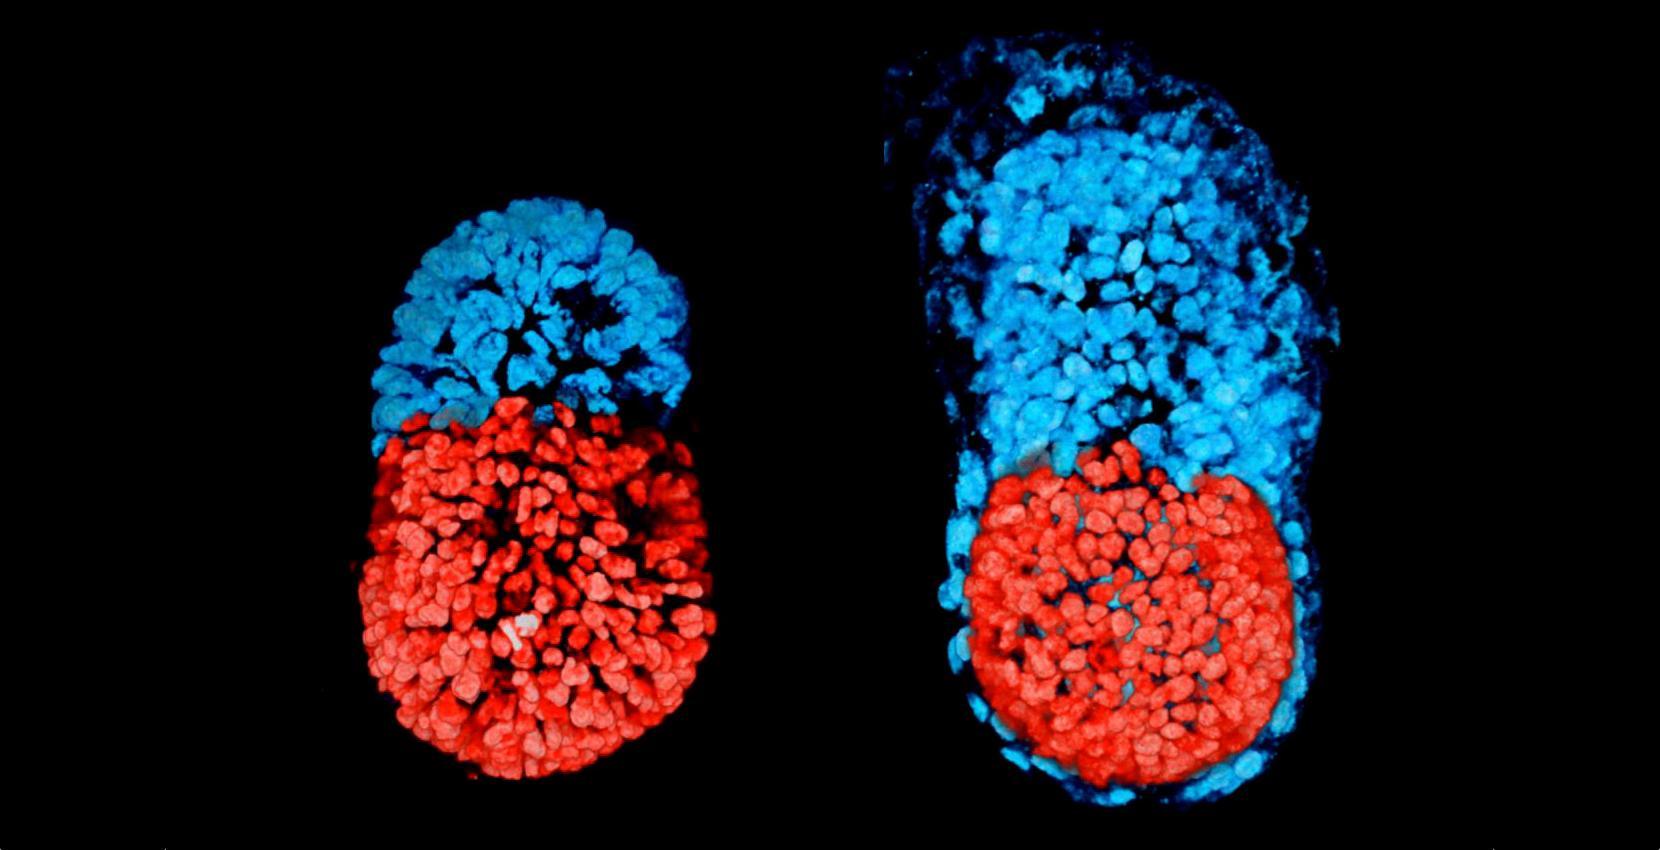 Ученые впервые вырастили эмбрион без яйцеклетки